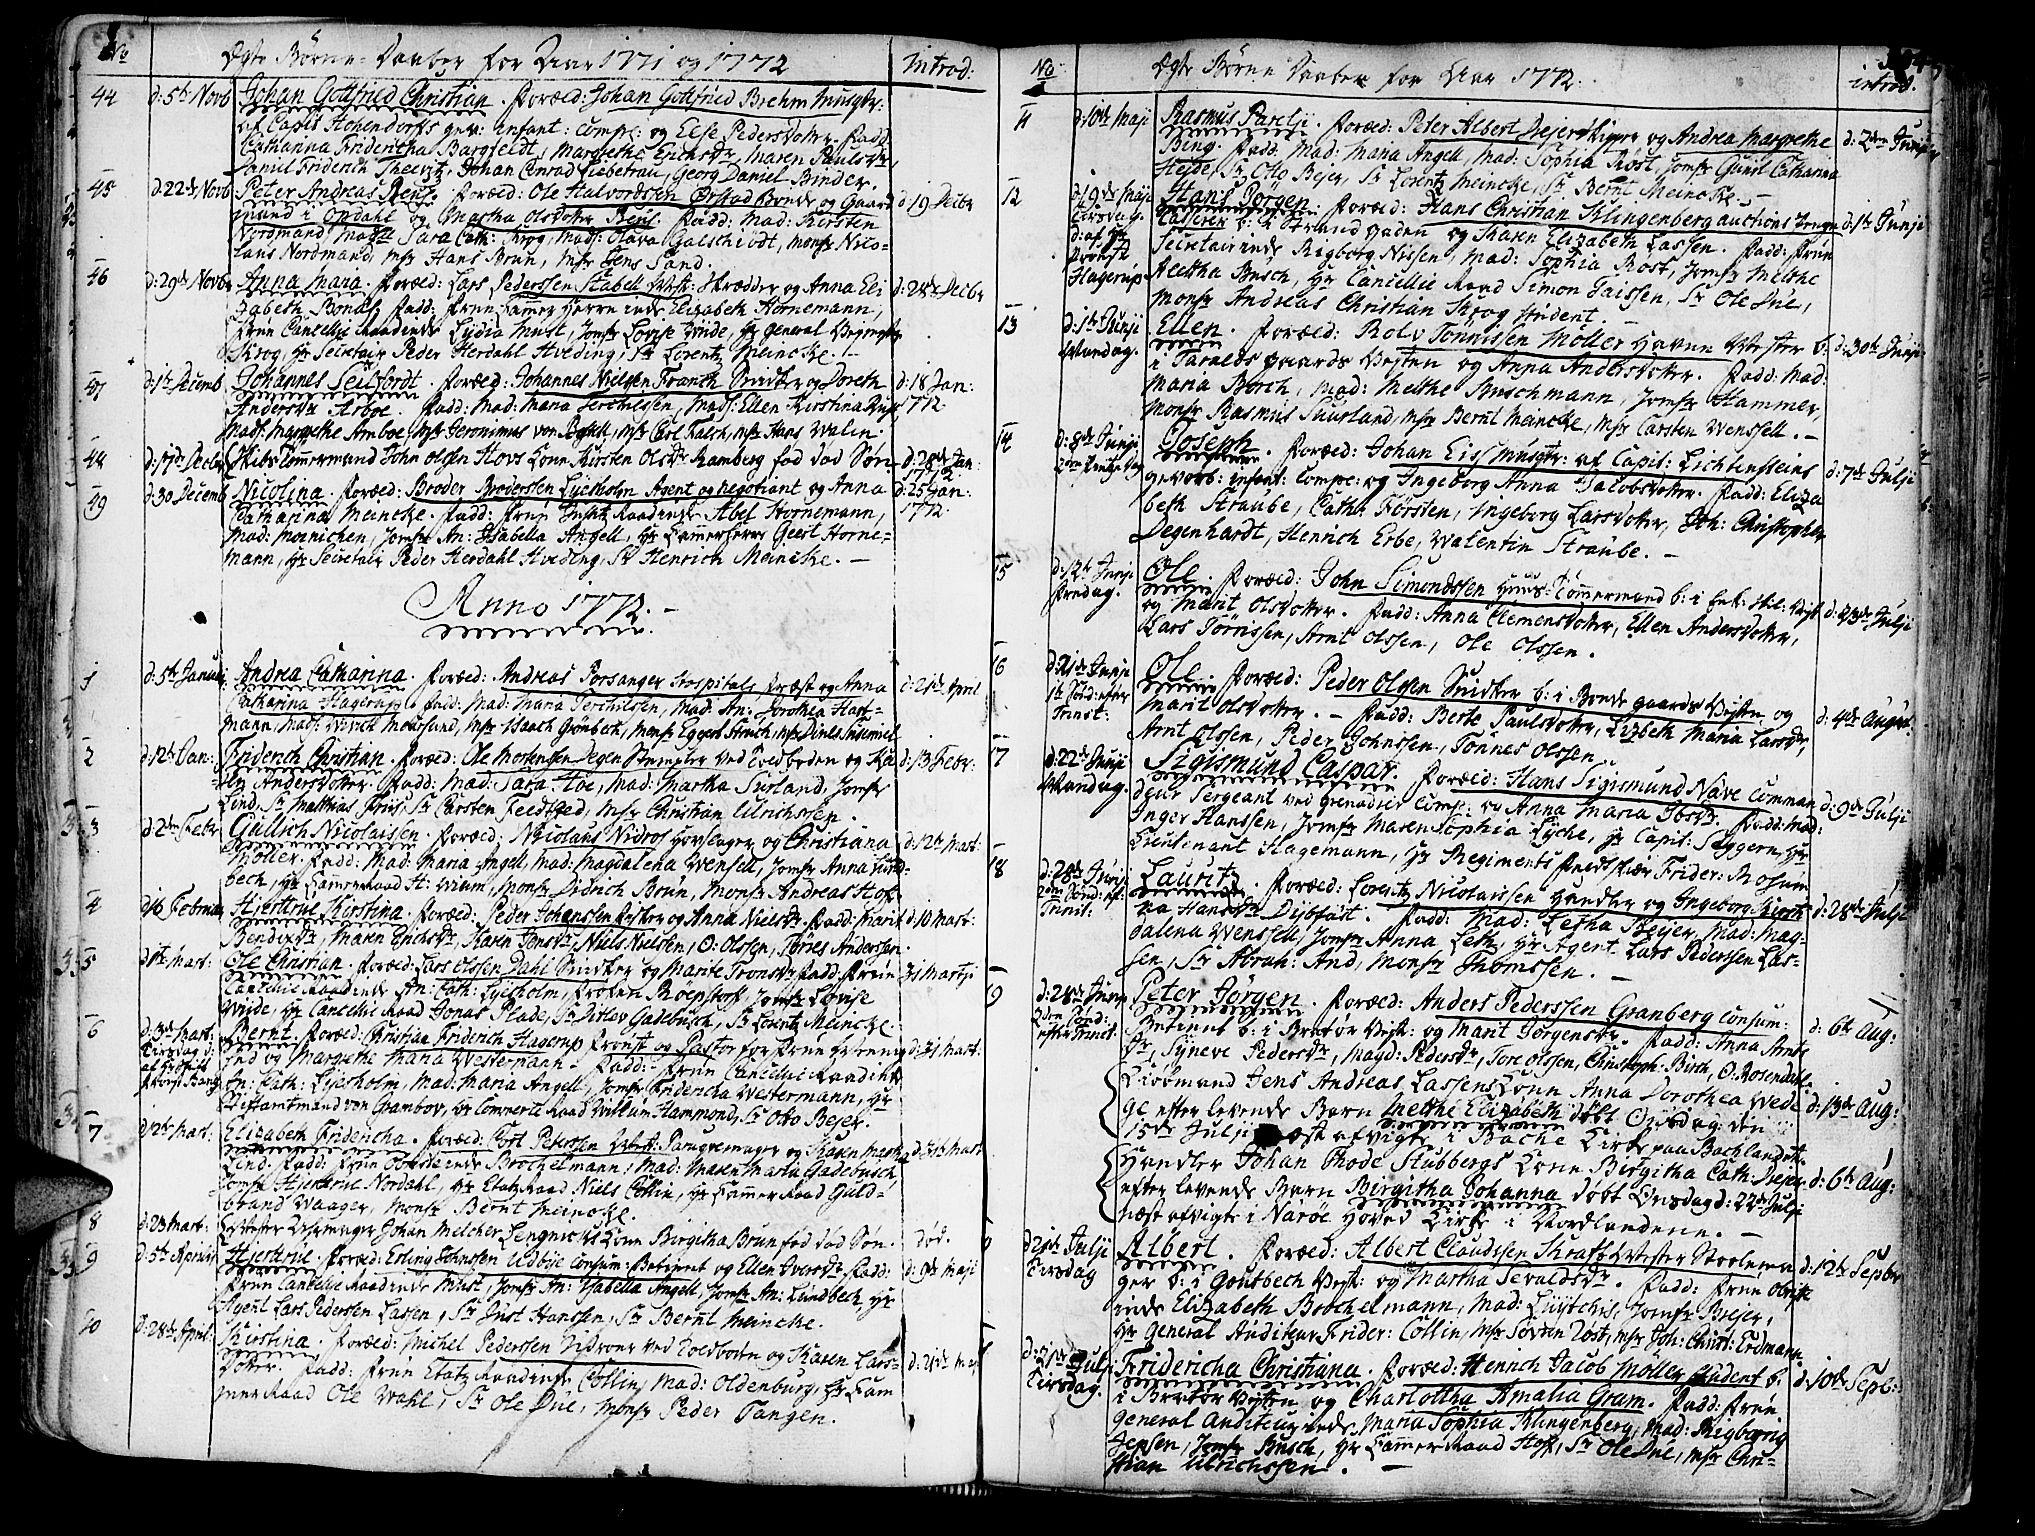 SAT, Ministerialprotokoller, klokkerbøker og fødselsregistre - Sør-Trøndelag, 602/L0103: Ministerialbok nr. 602A01, 1732-1774, s. 104